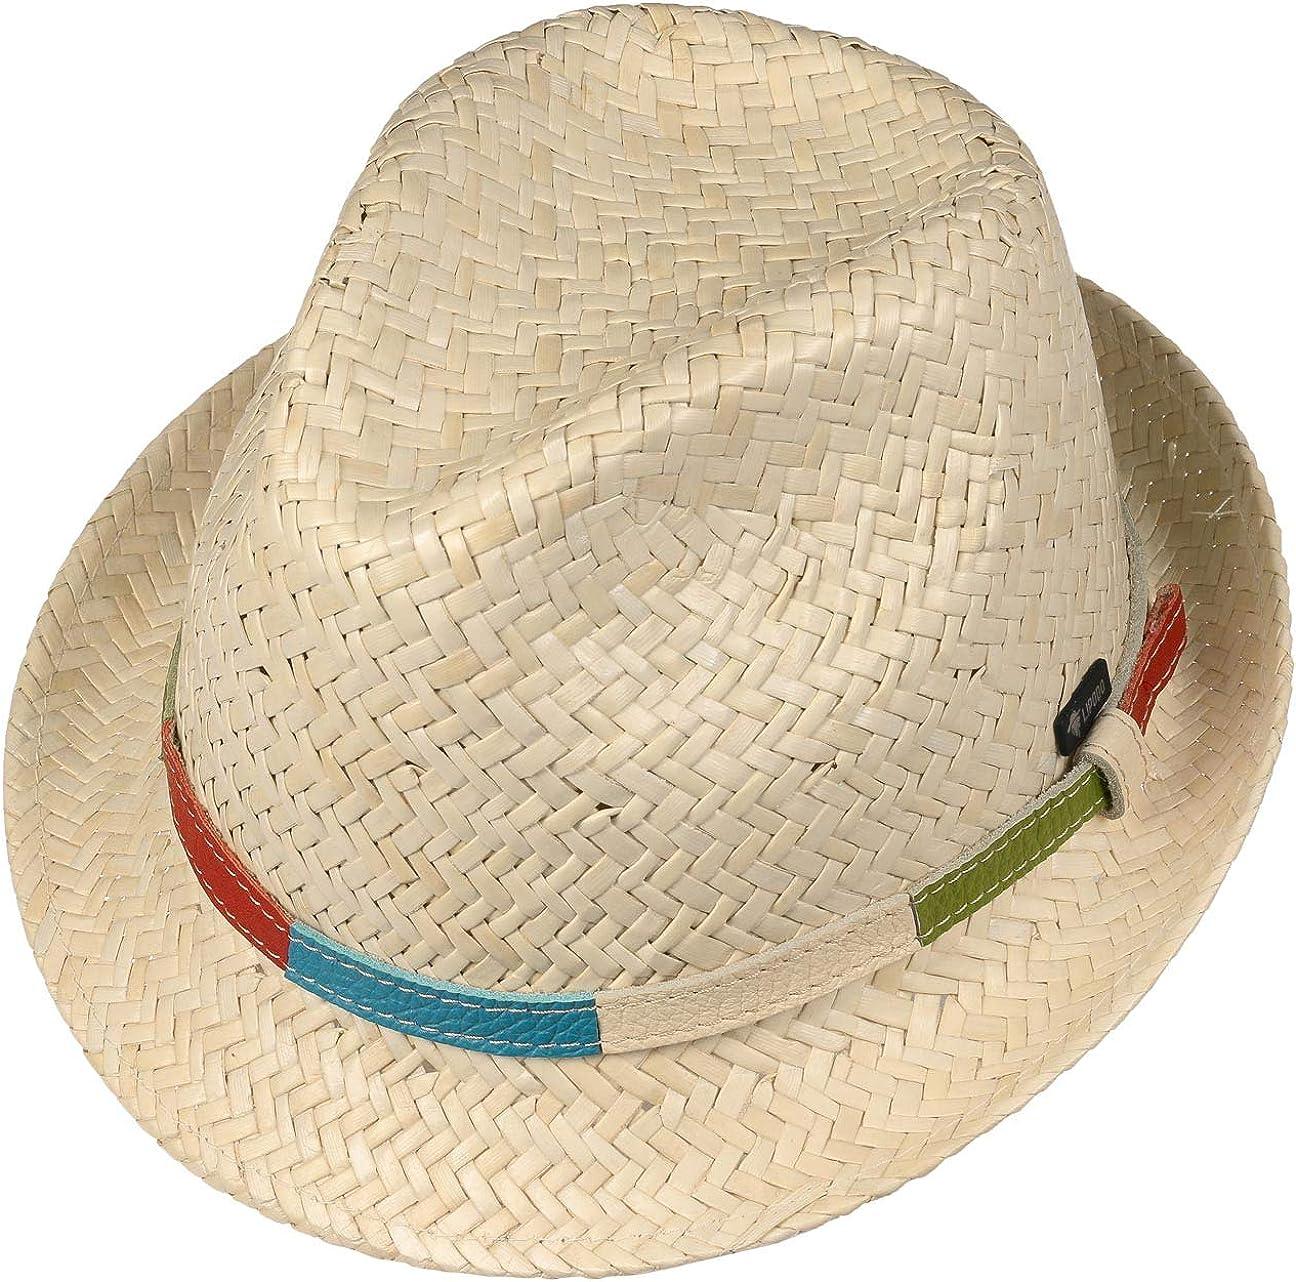 Lipodo Cappello da Bambino Colour Band Bambini Made in Italy Estivo Cappelli Spiaggia Sole con Fascia Pelle Primavera//Estate